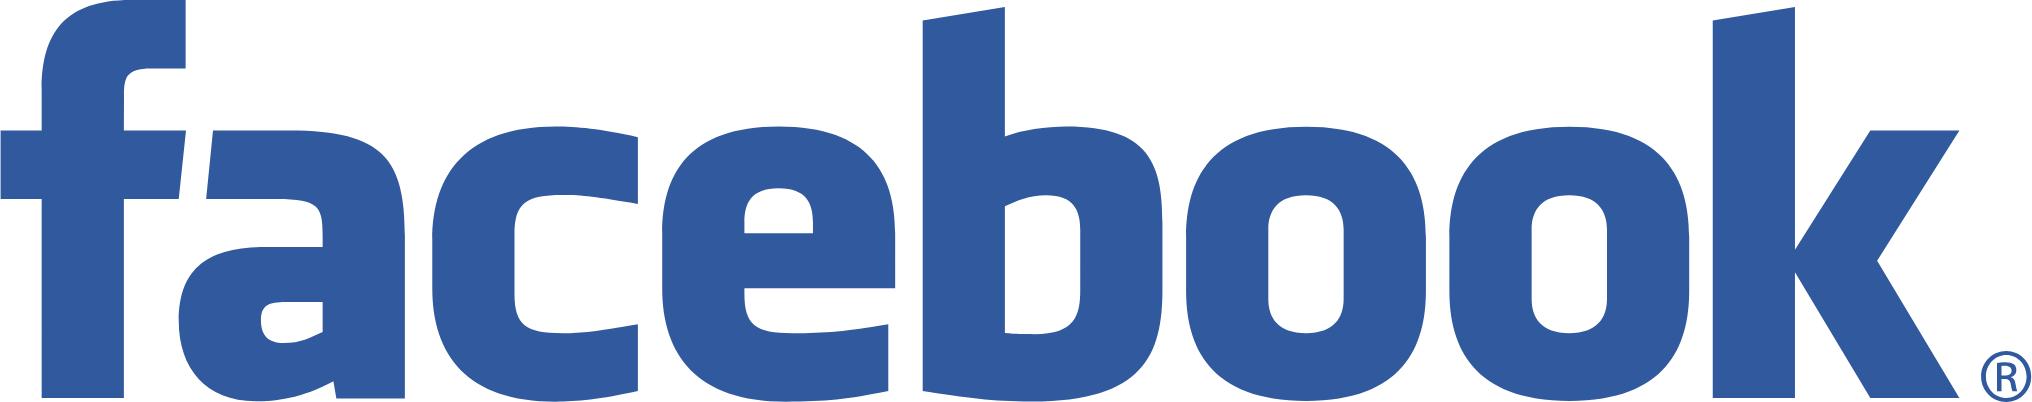 Facebook-side Plugin